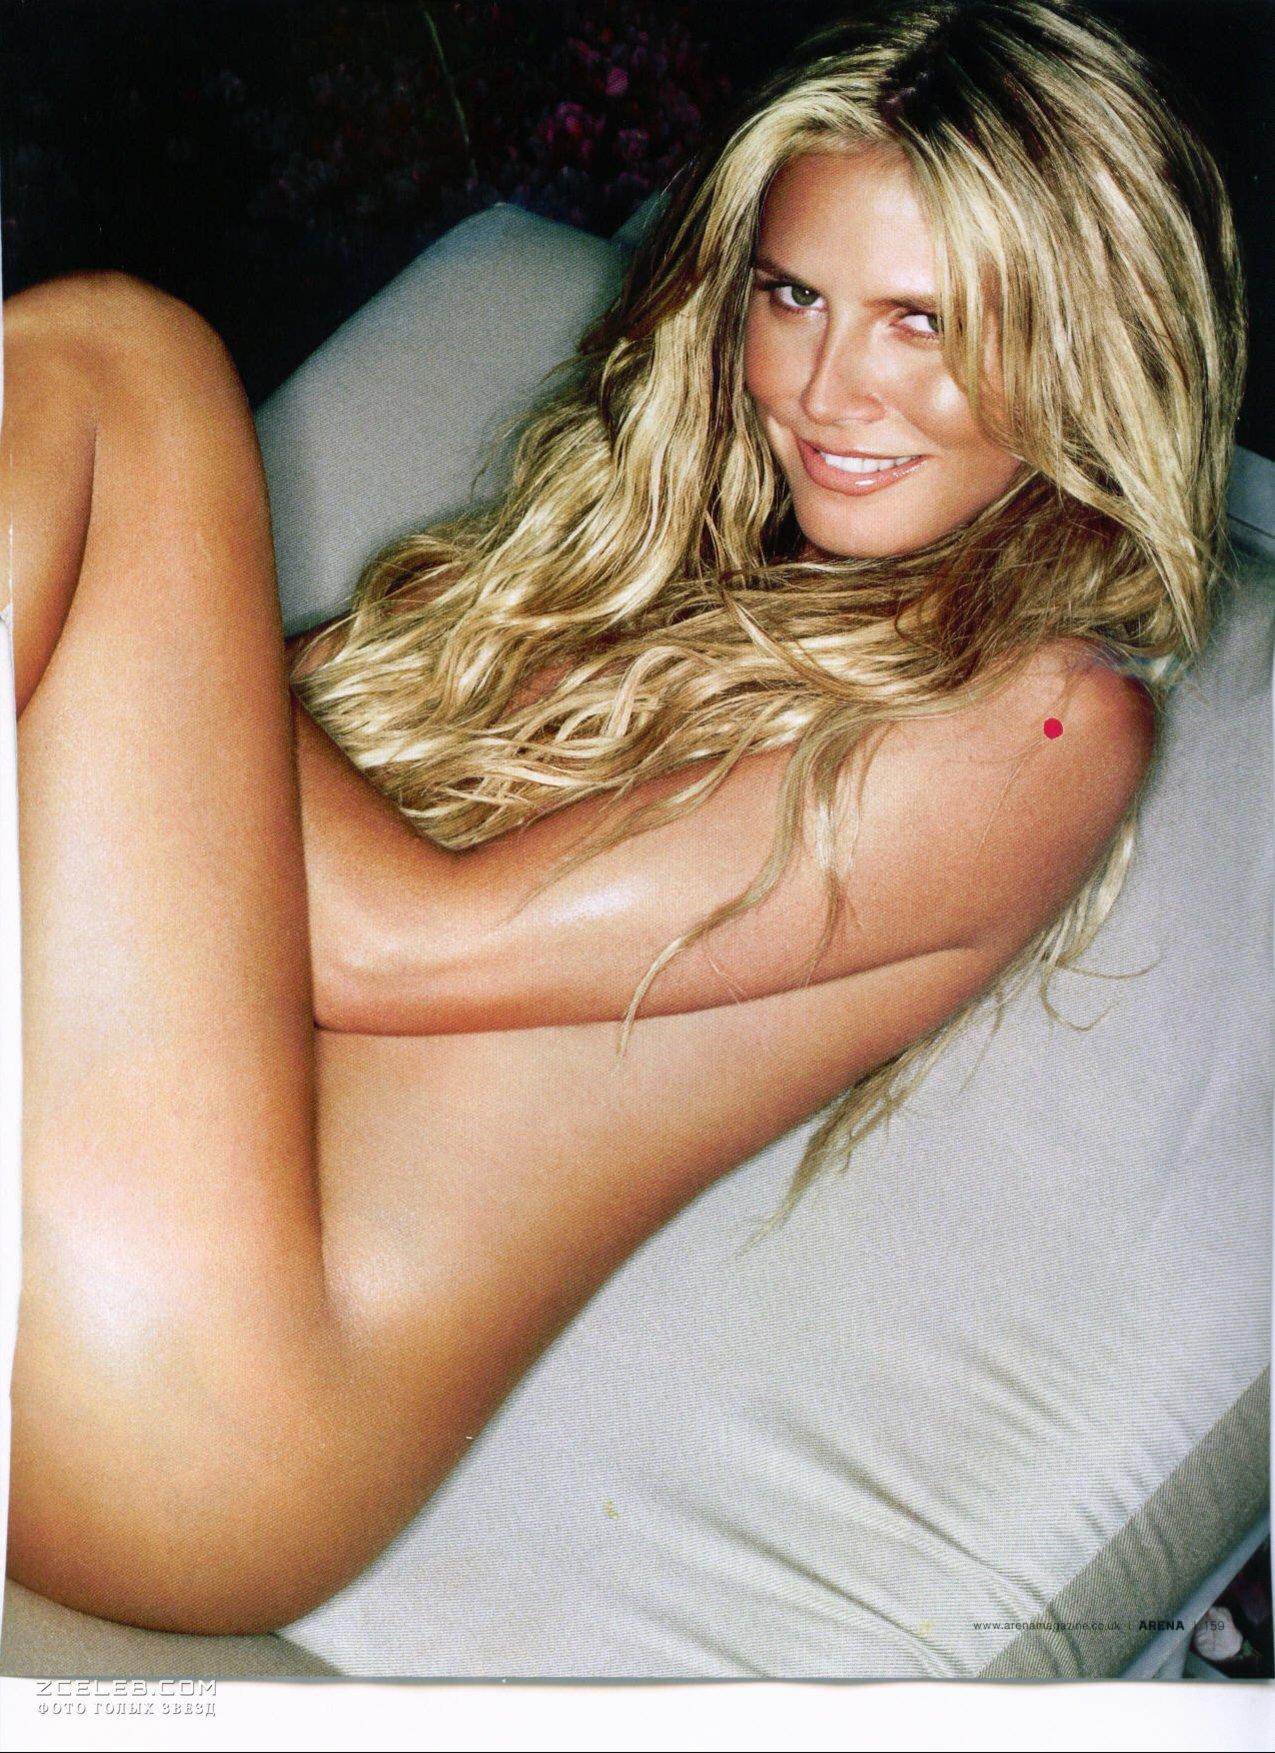 Heidi Klum Nude Pictures